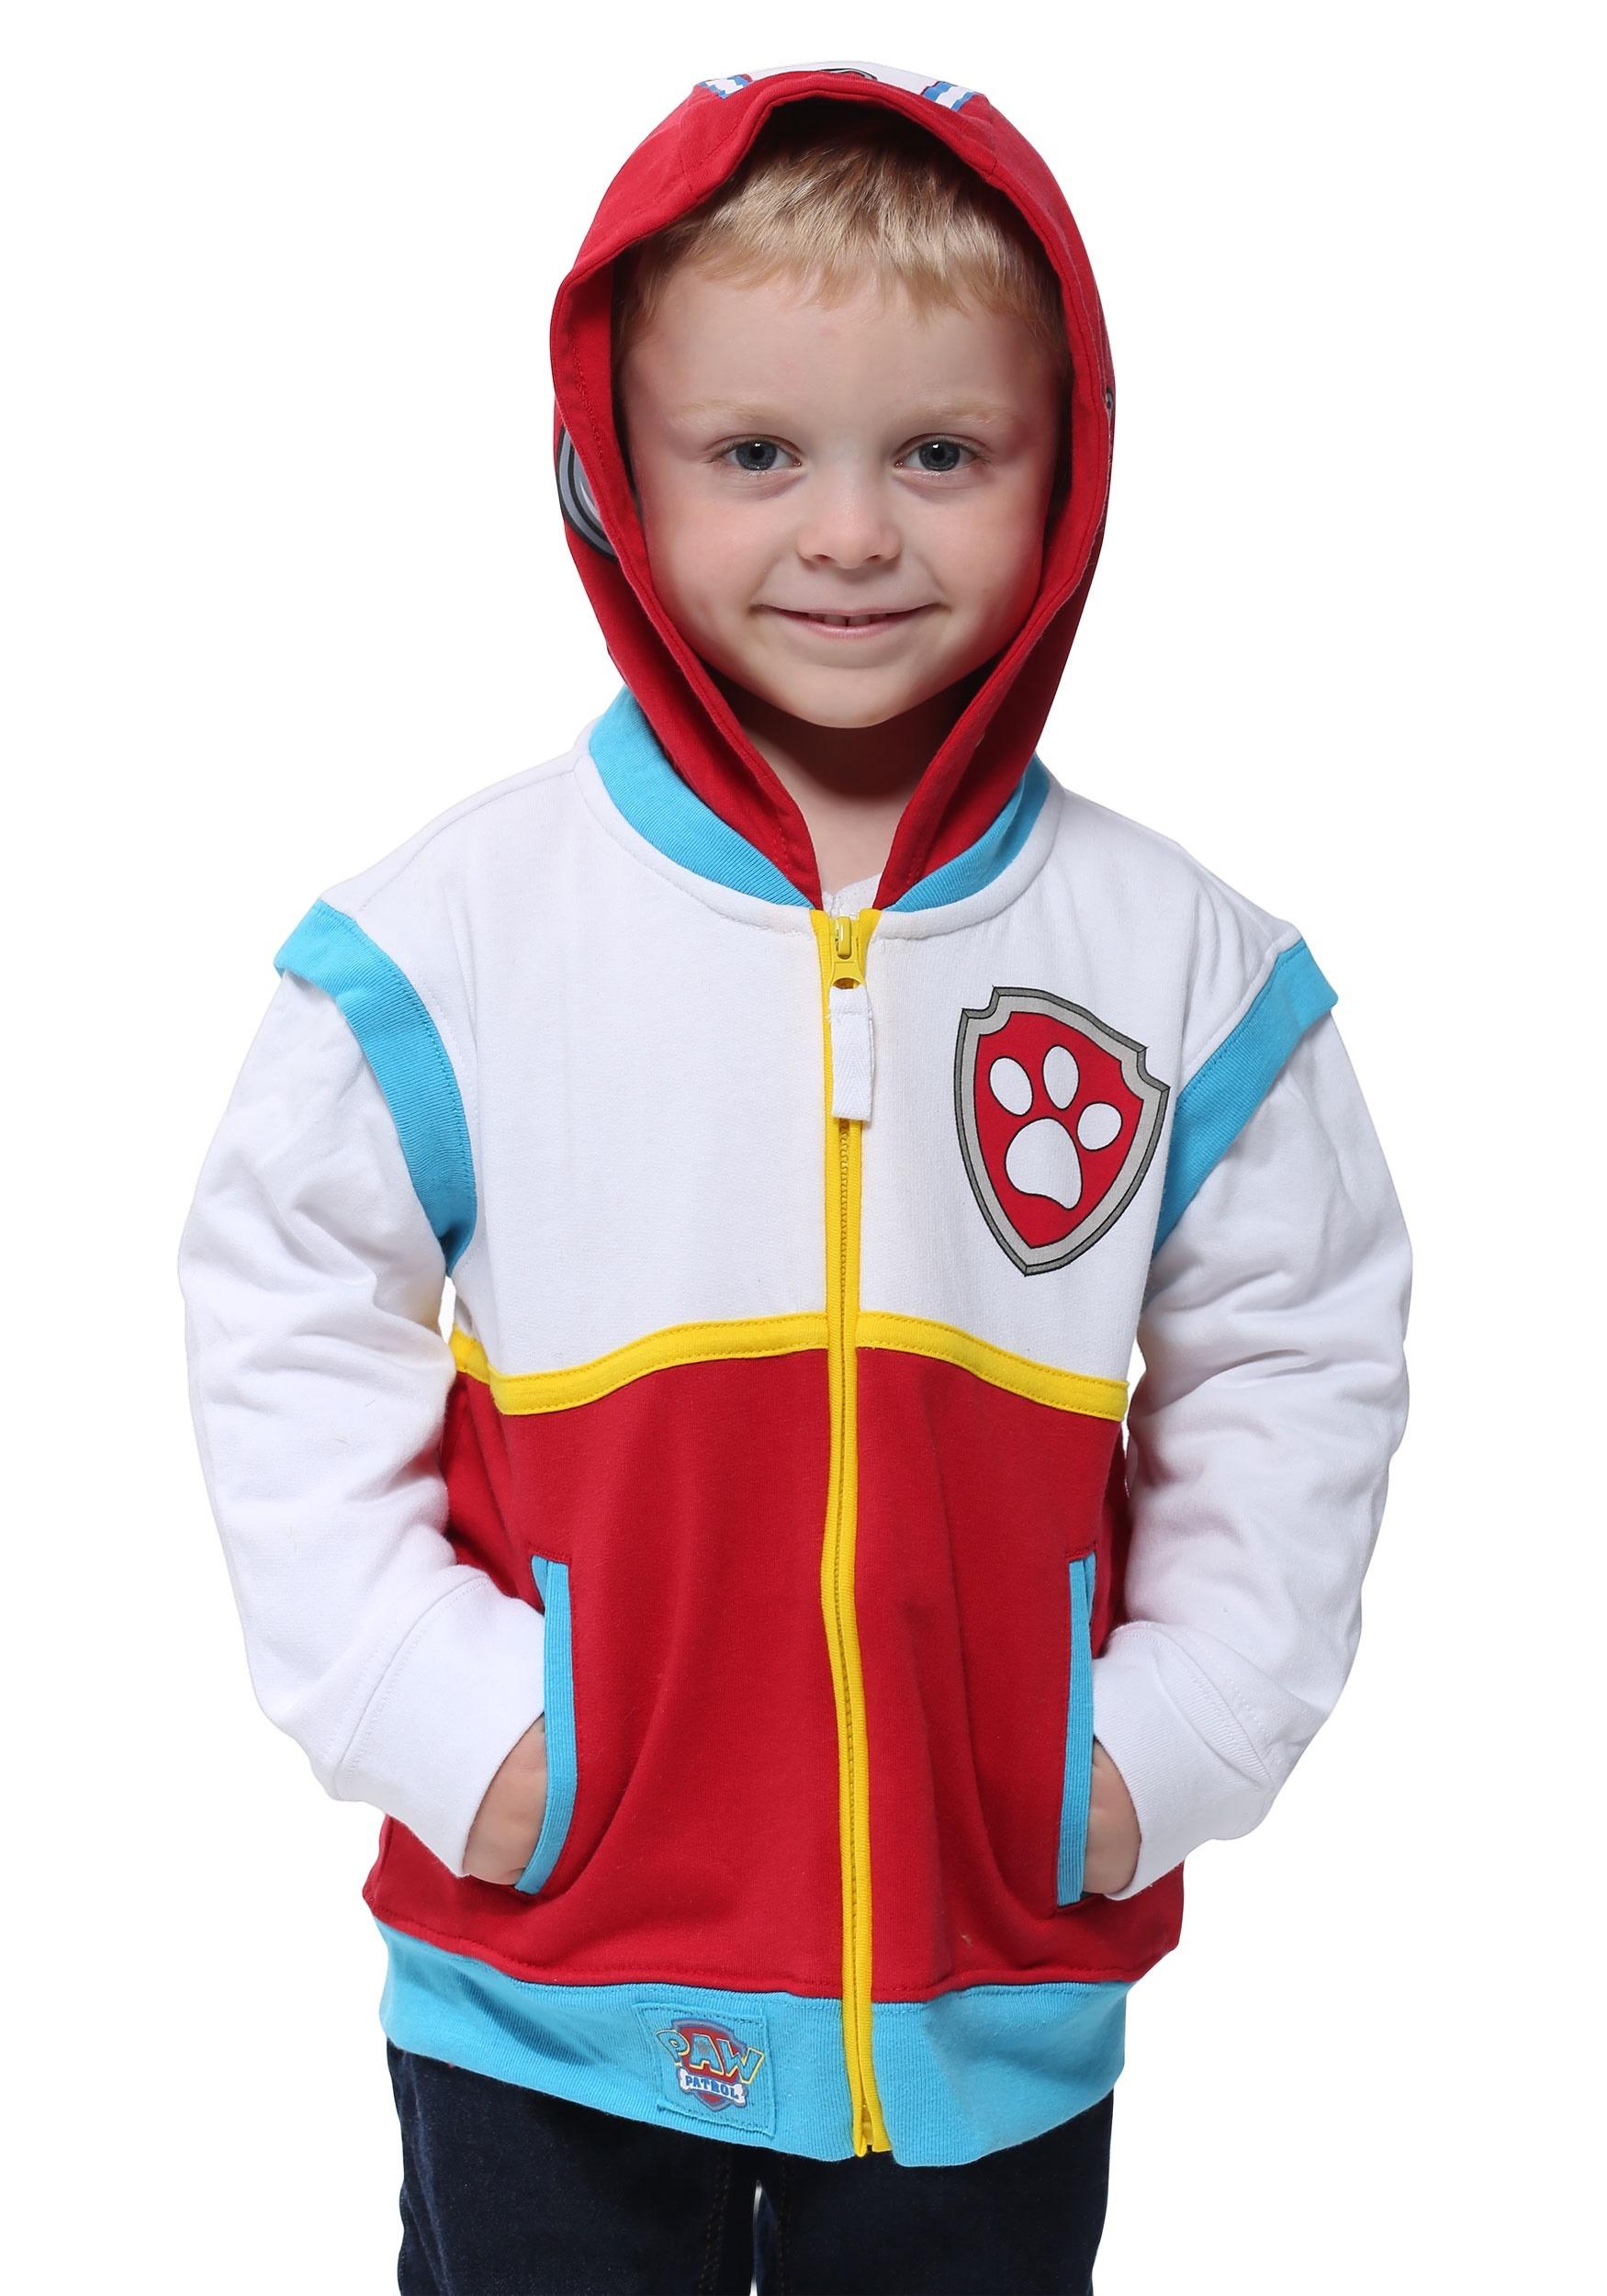 ryder paw patrol costume hoodie for kids. Black Bedroom Furniture Sets. Home Design Ideas